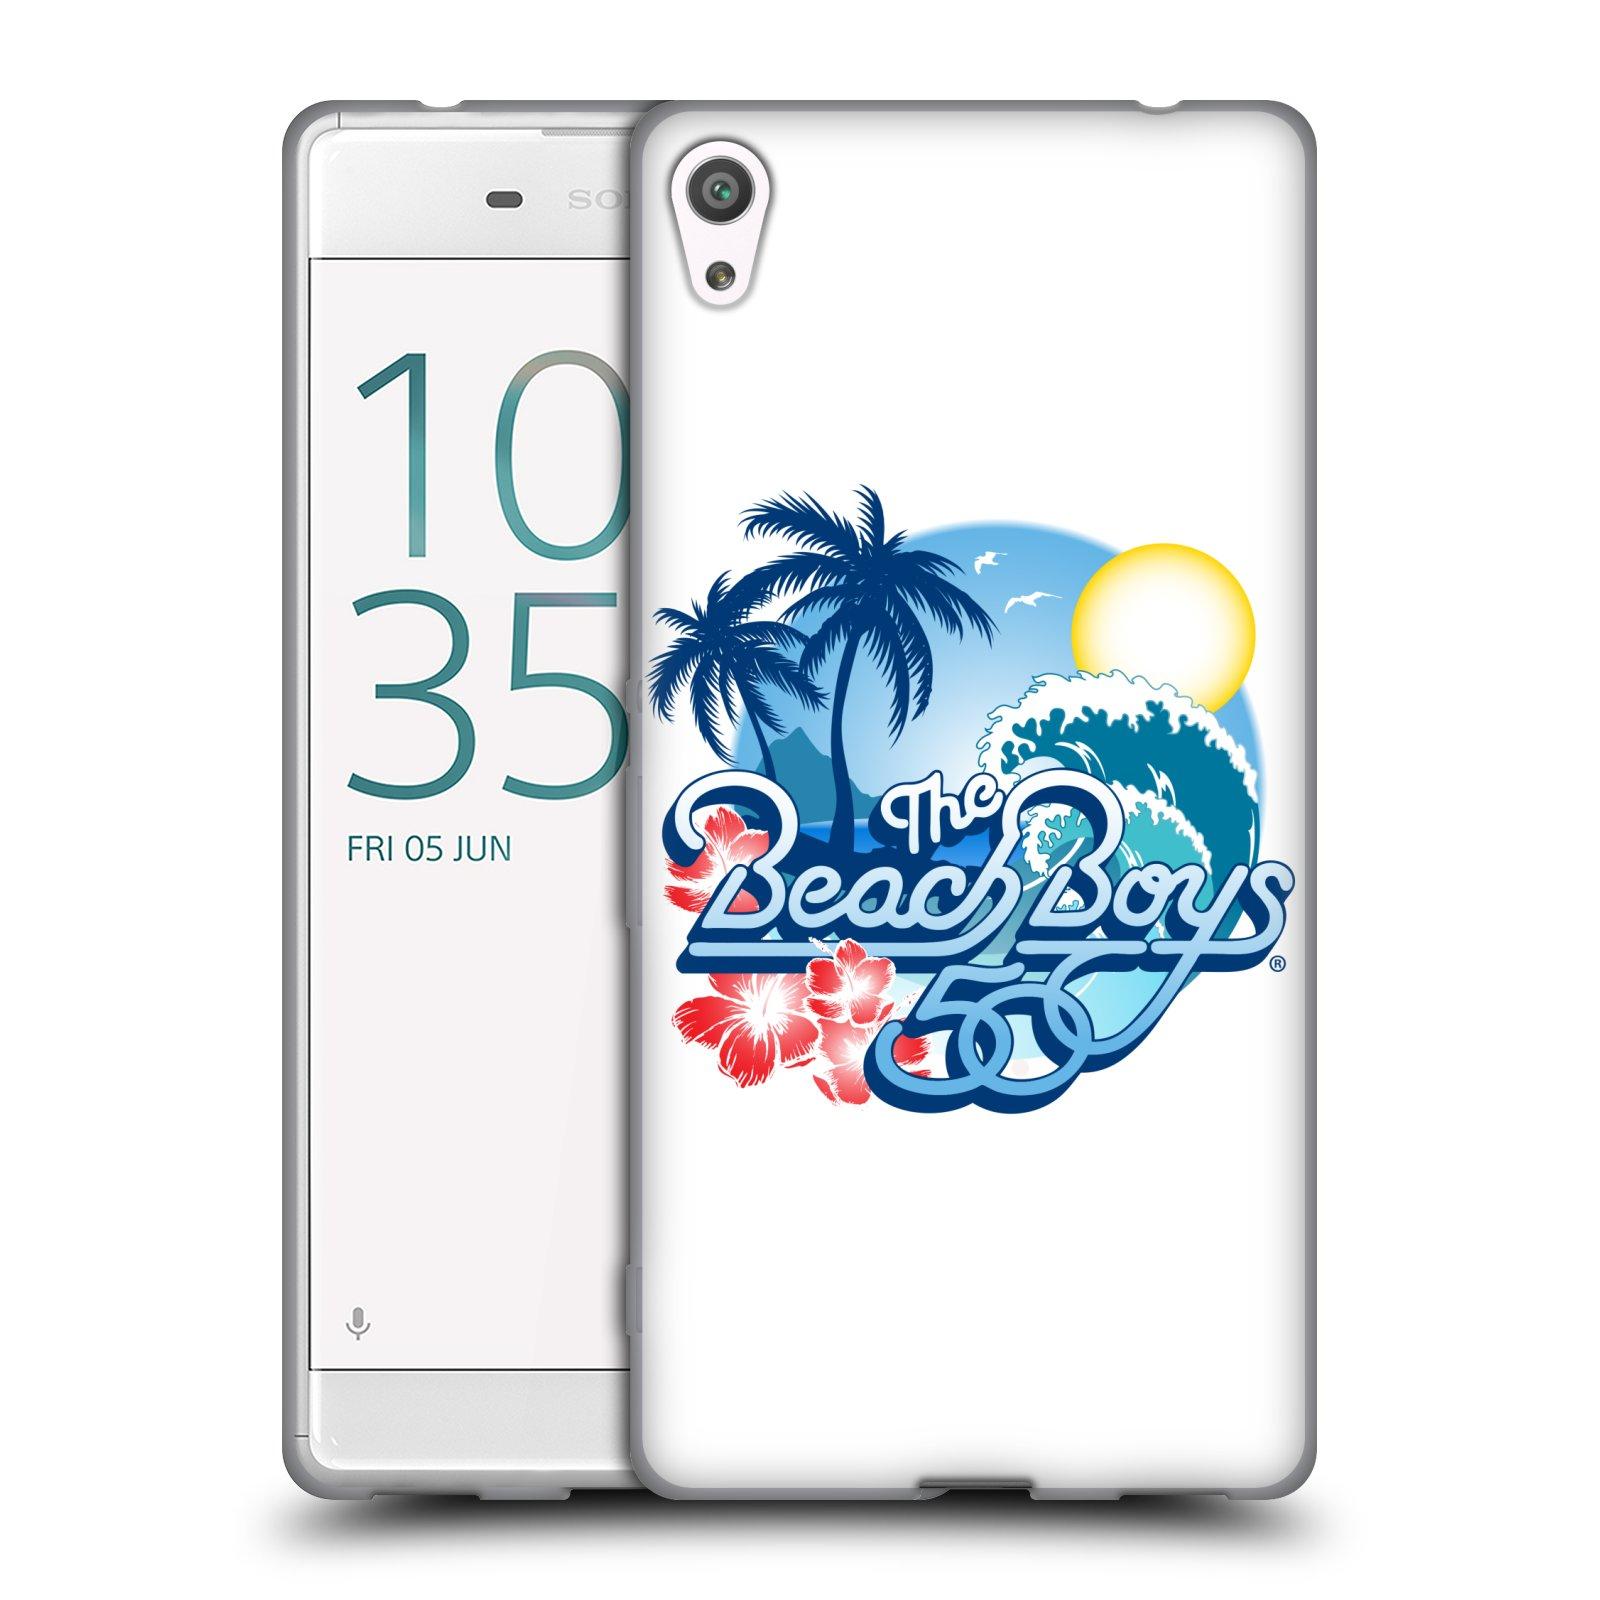 HEAD CASE silikonový obal na mobil Sony Xperia XA ULTRA skupina The Beach Boys logo 50. výročí